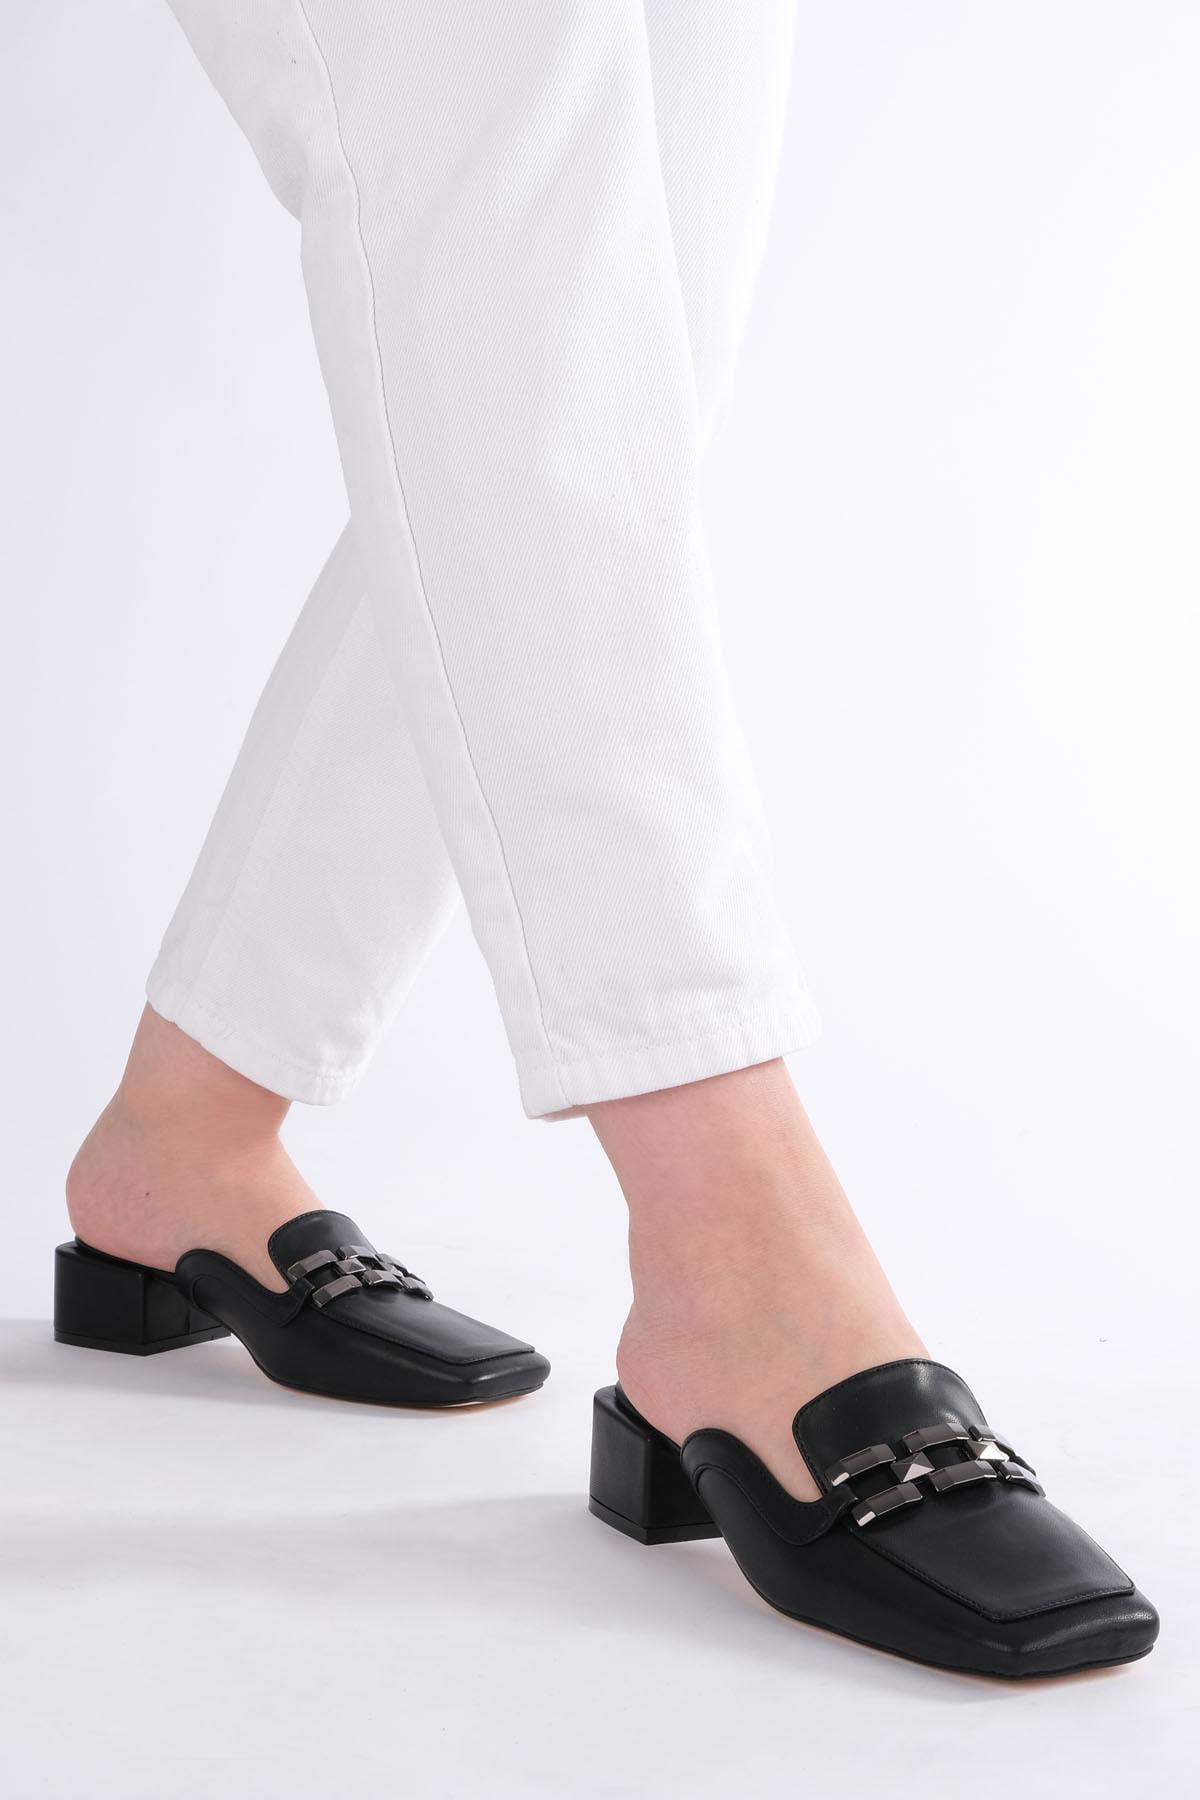 Marjin Kadın Siyah Topuklu Terlik Berma 2